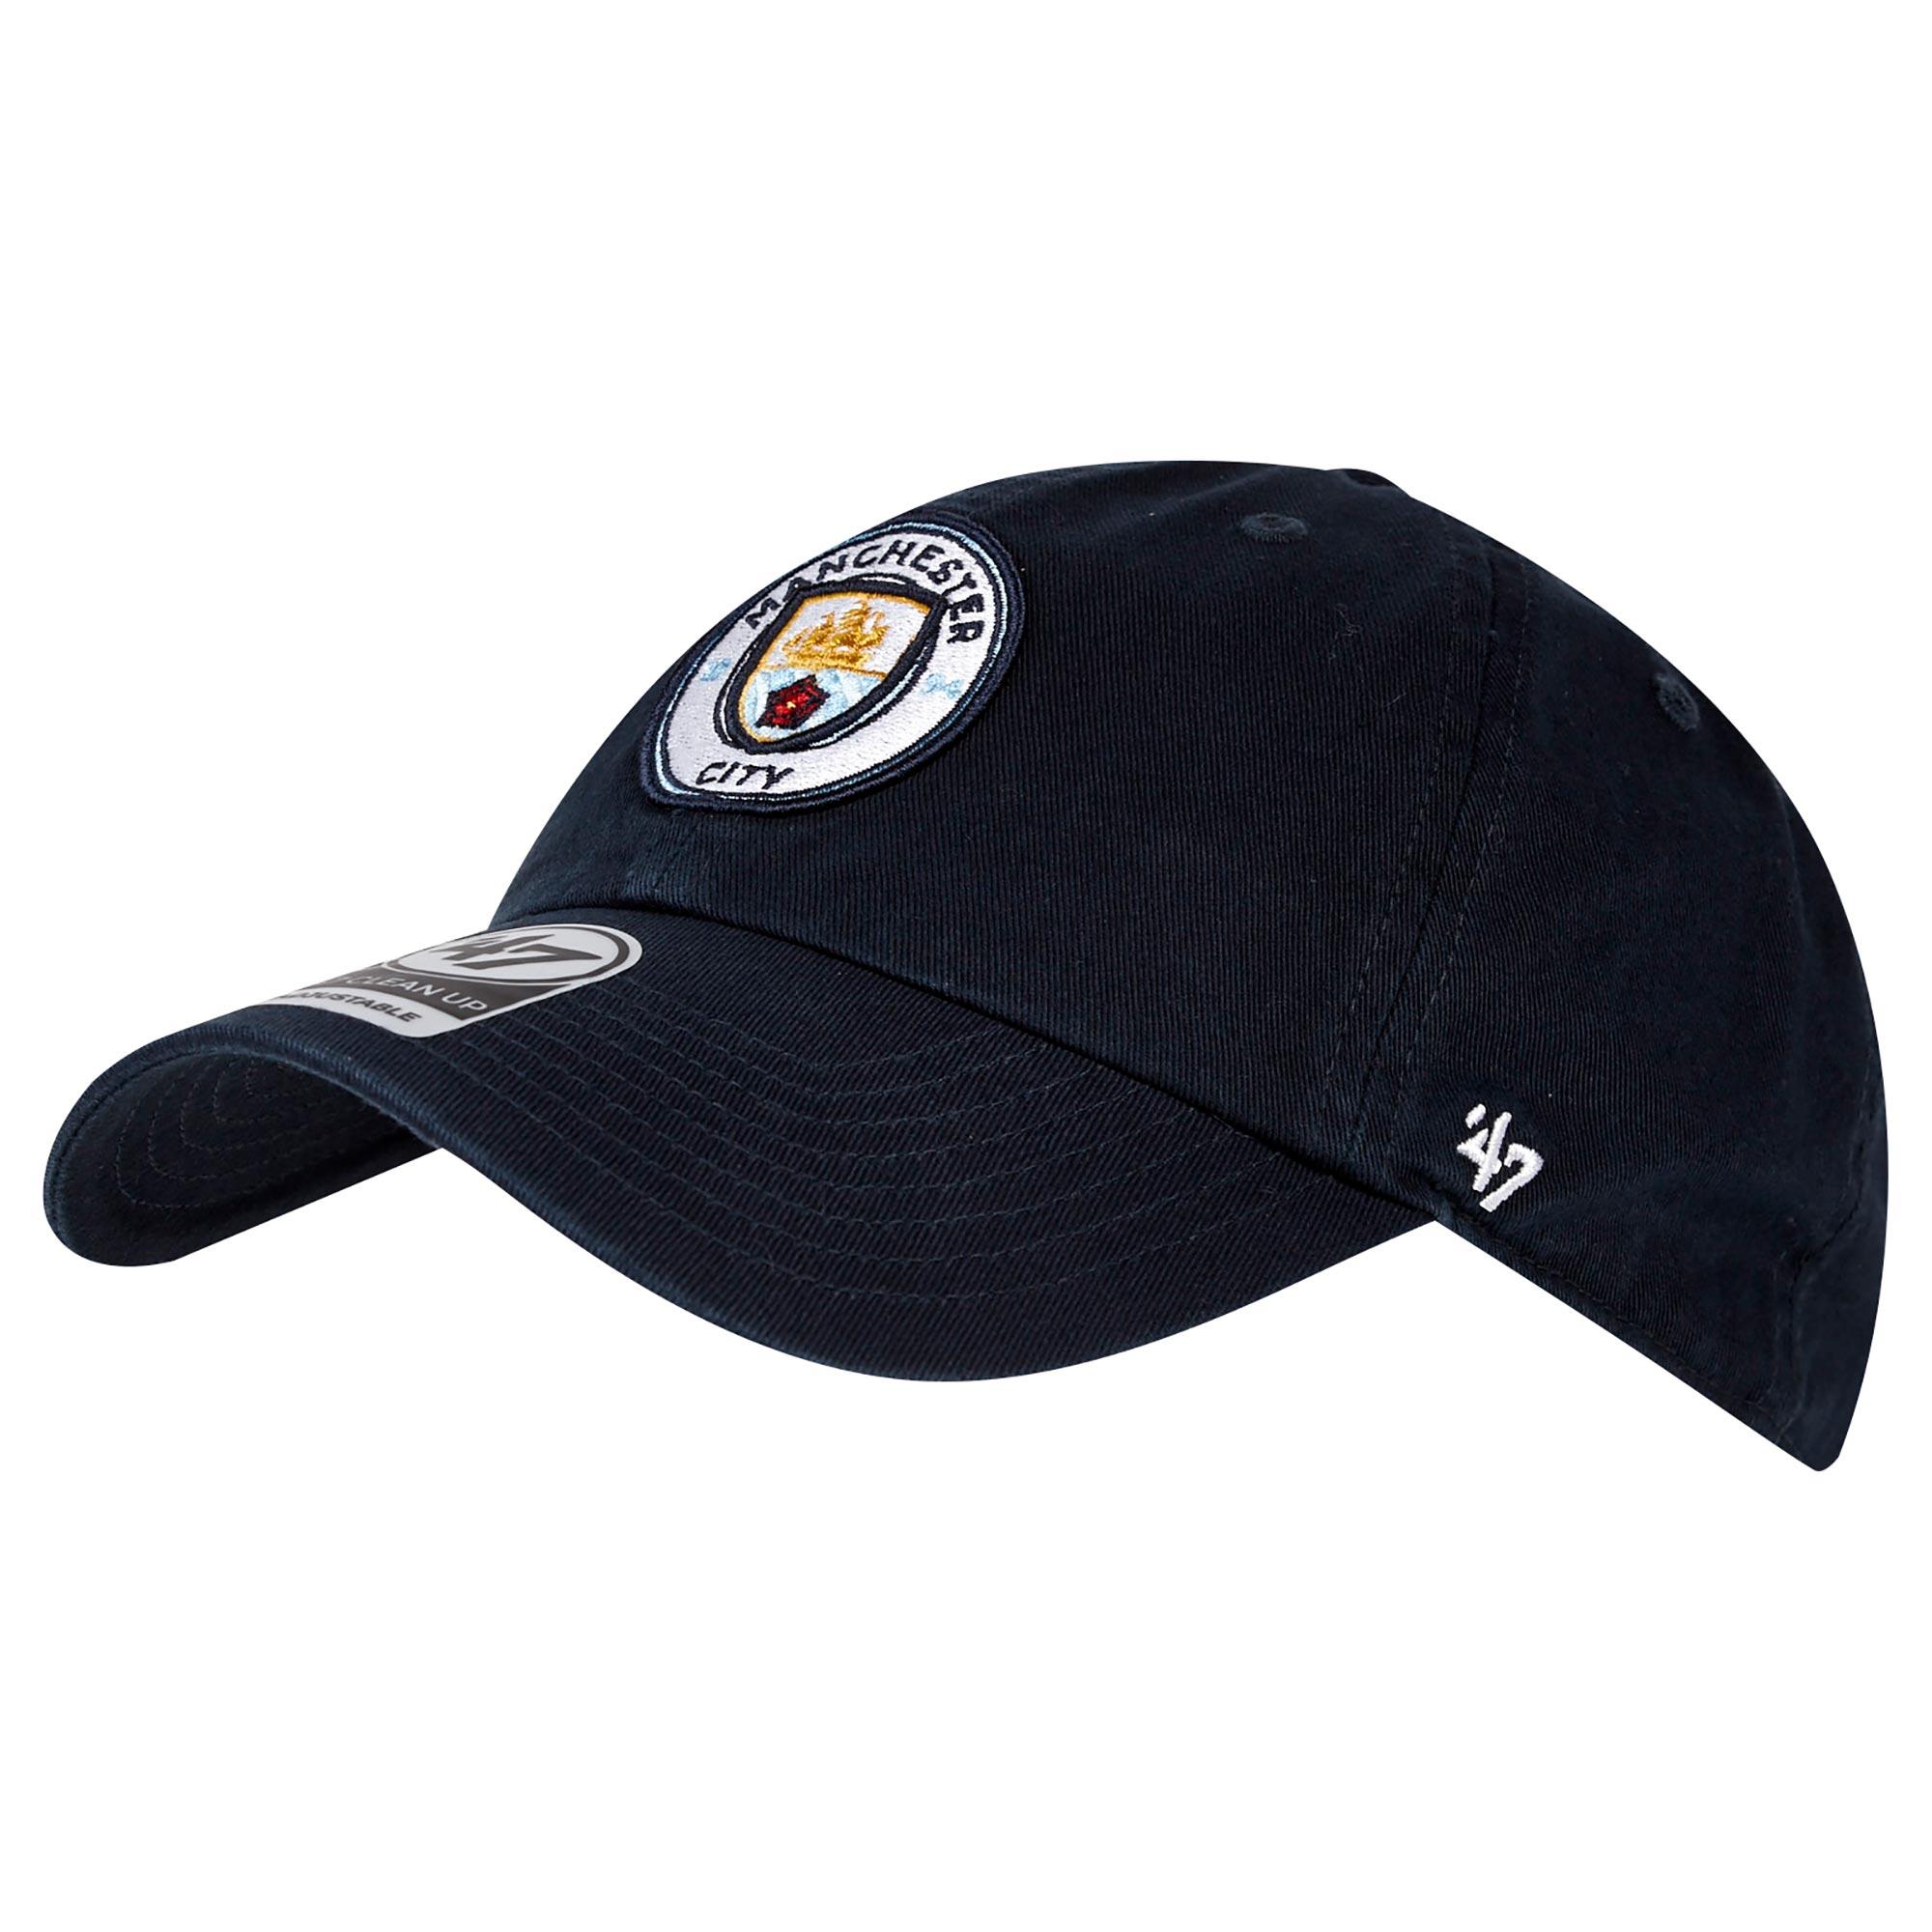 Manchester City 47 Rebound Cap - Navy